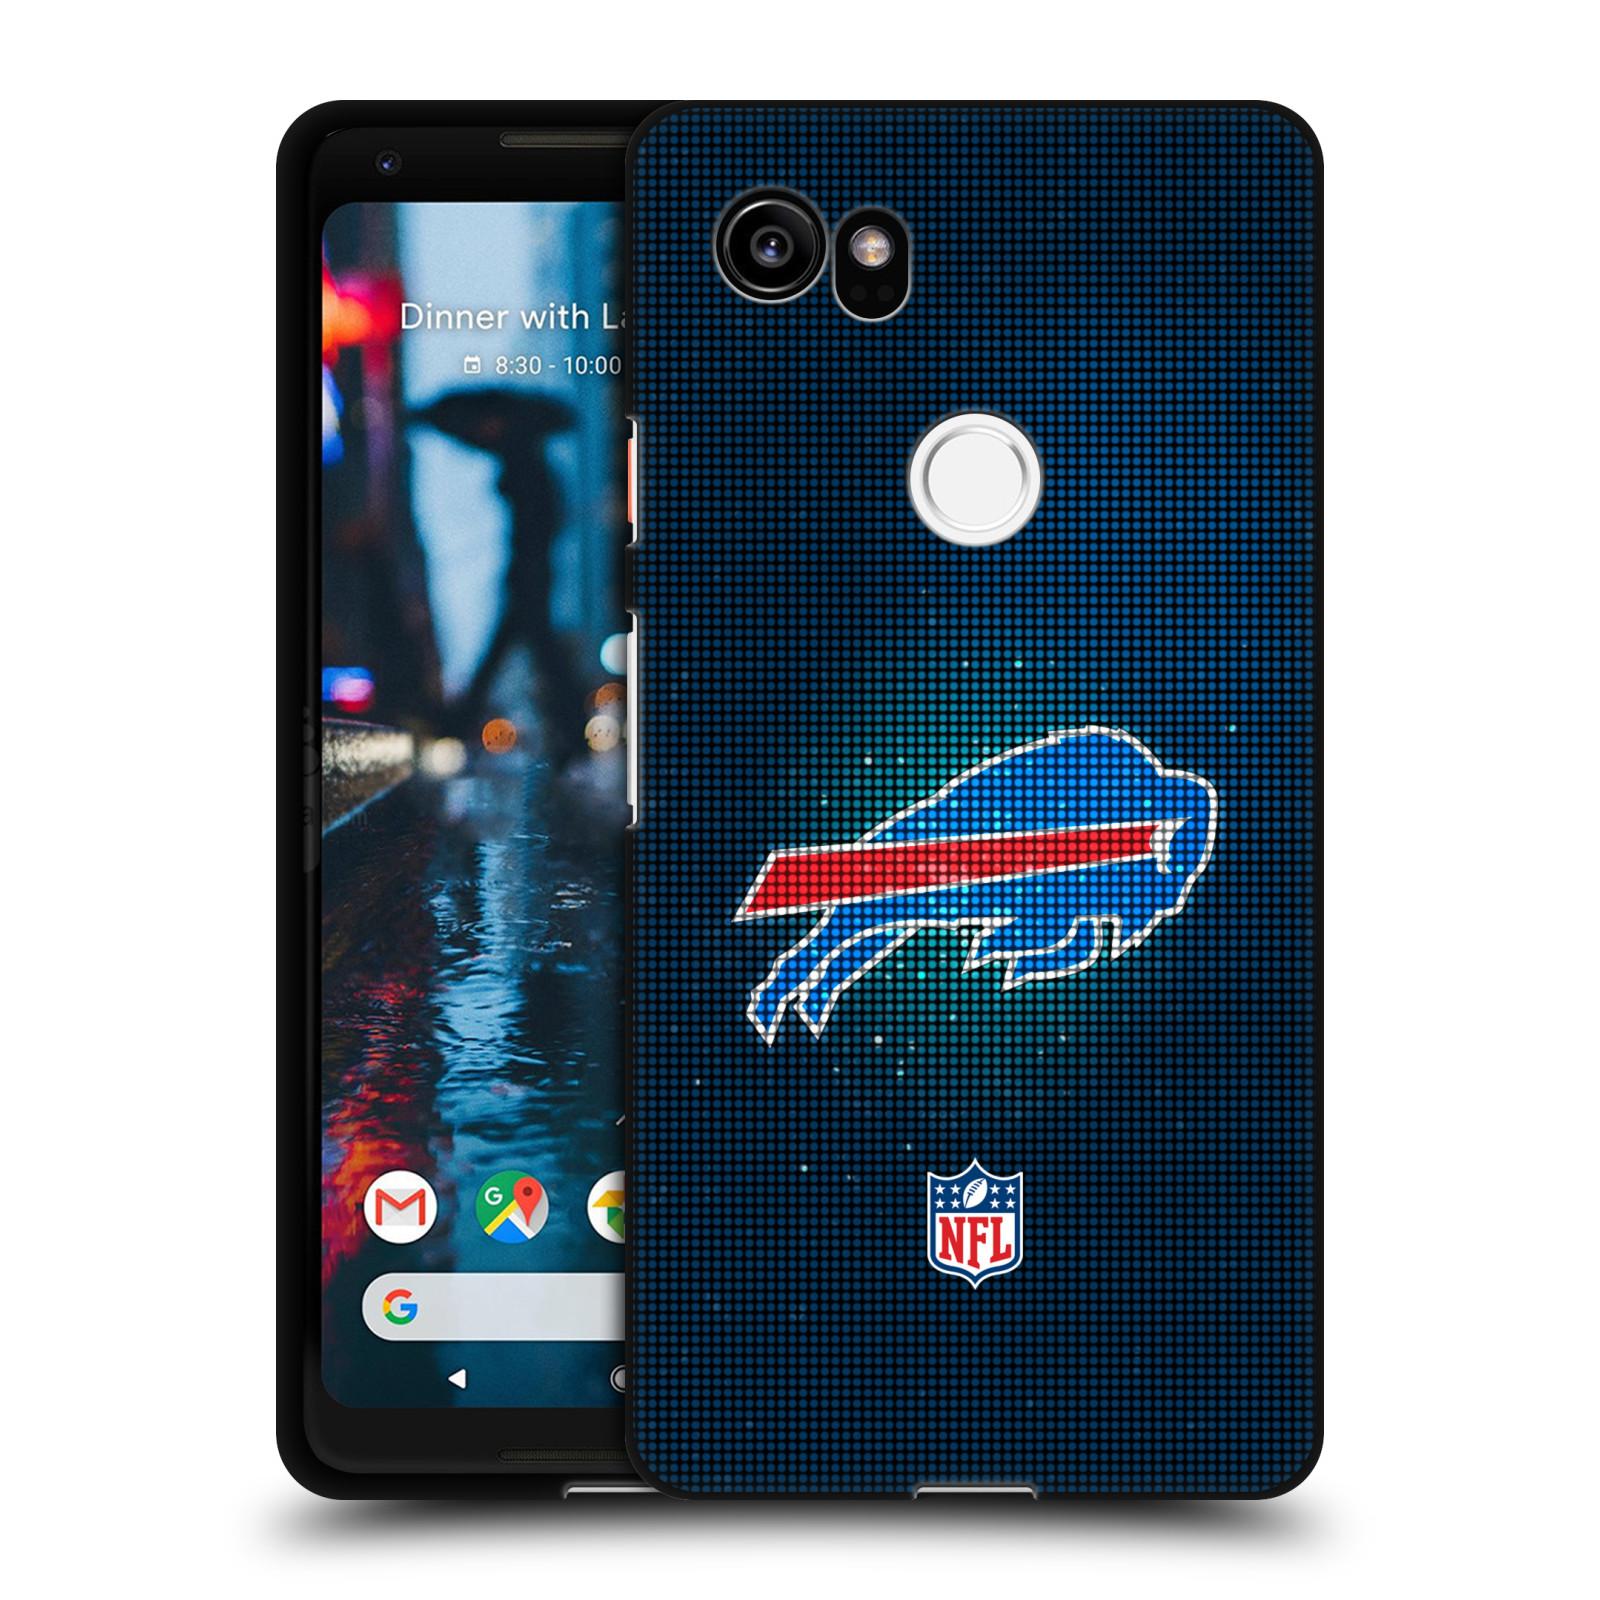 OFFICIAL-NFL-2017-18-BUFFALO-BILLS-BLACK-SOFT-GEL-CASE-FOR-GOOGLE-PHONES